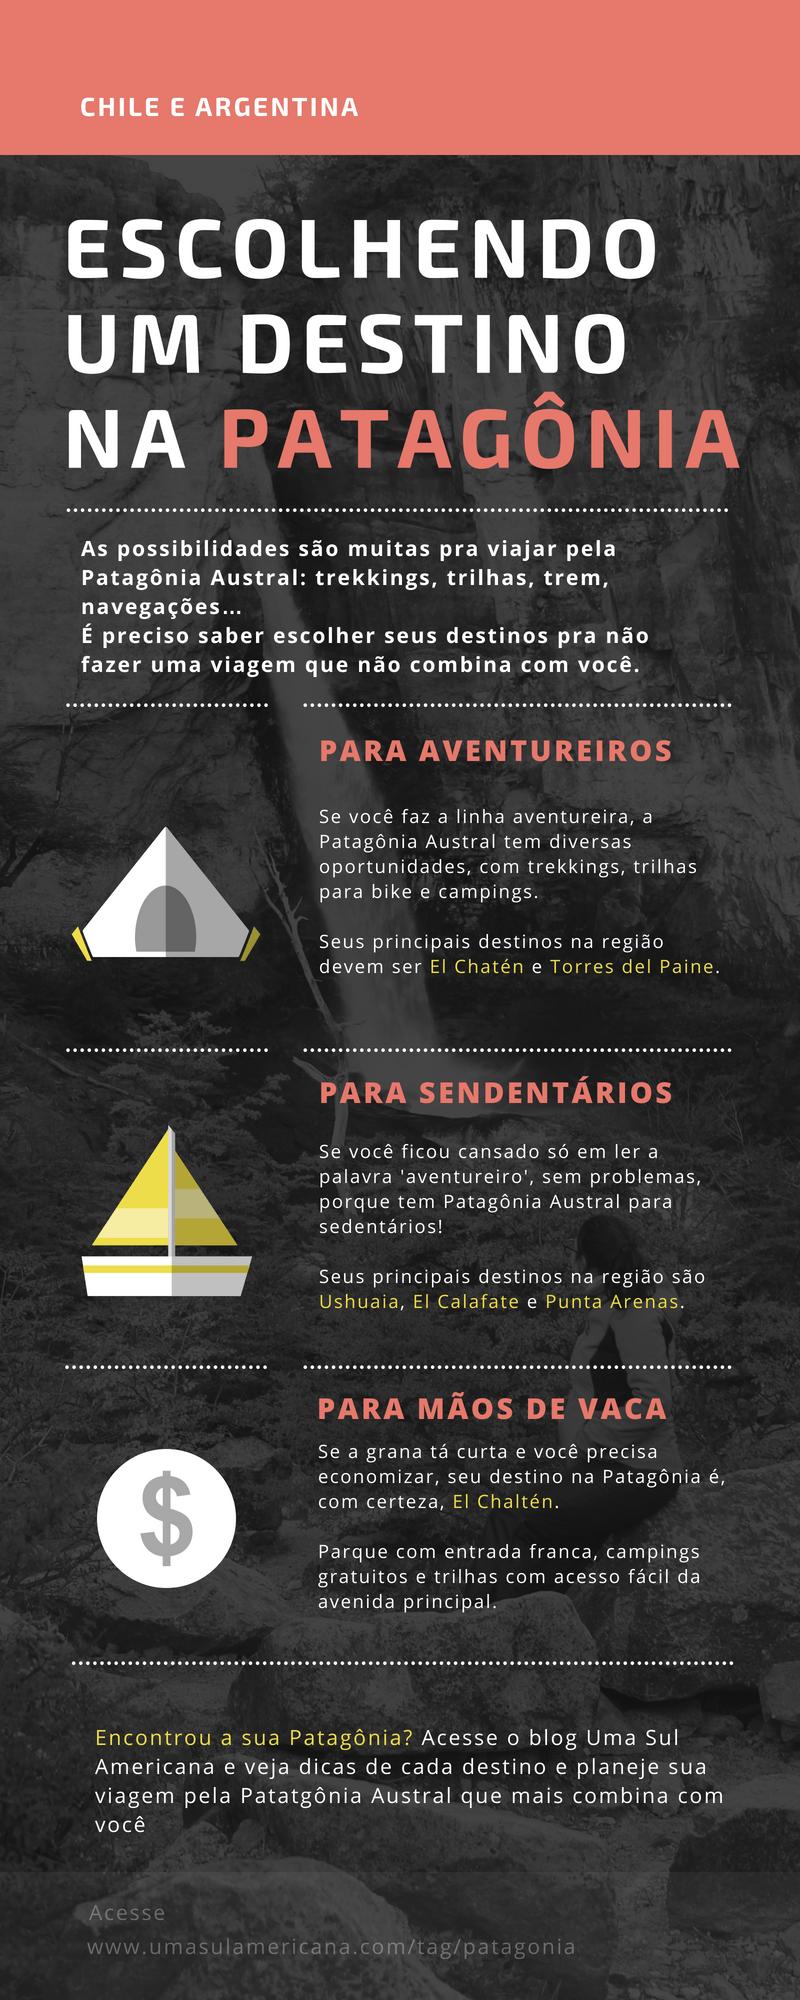 Como escolher um destino na Patagônia Austral: Punta Arenas, Torres del Paine, Ushuaia, El Calafate ou El Chaltén?